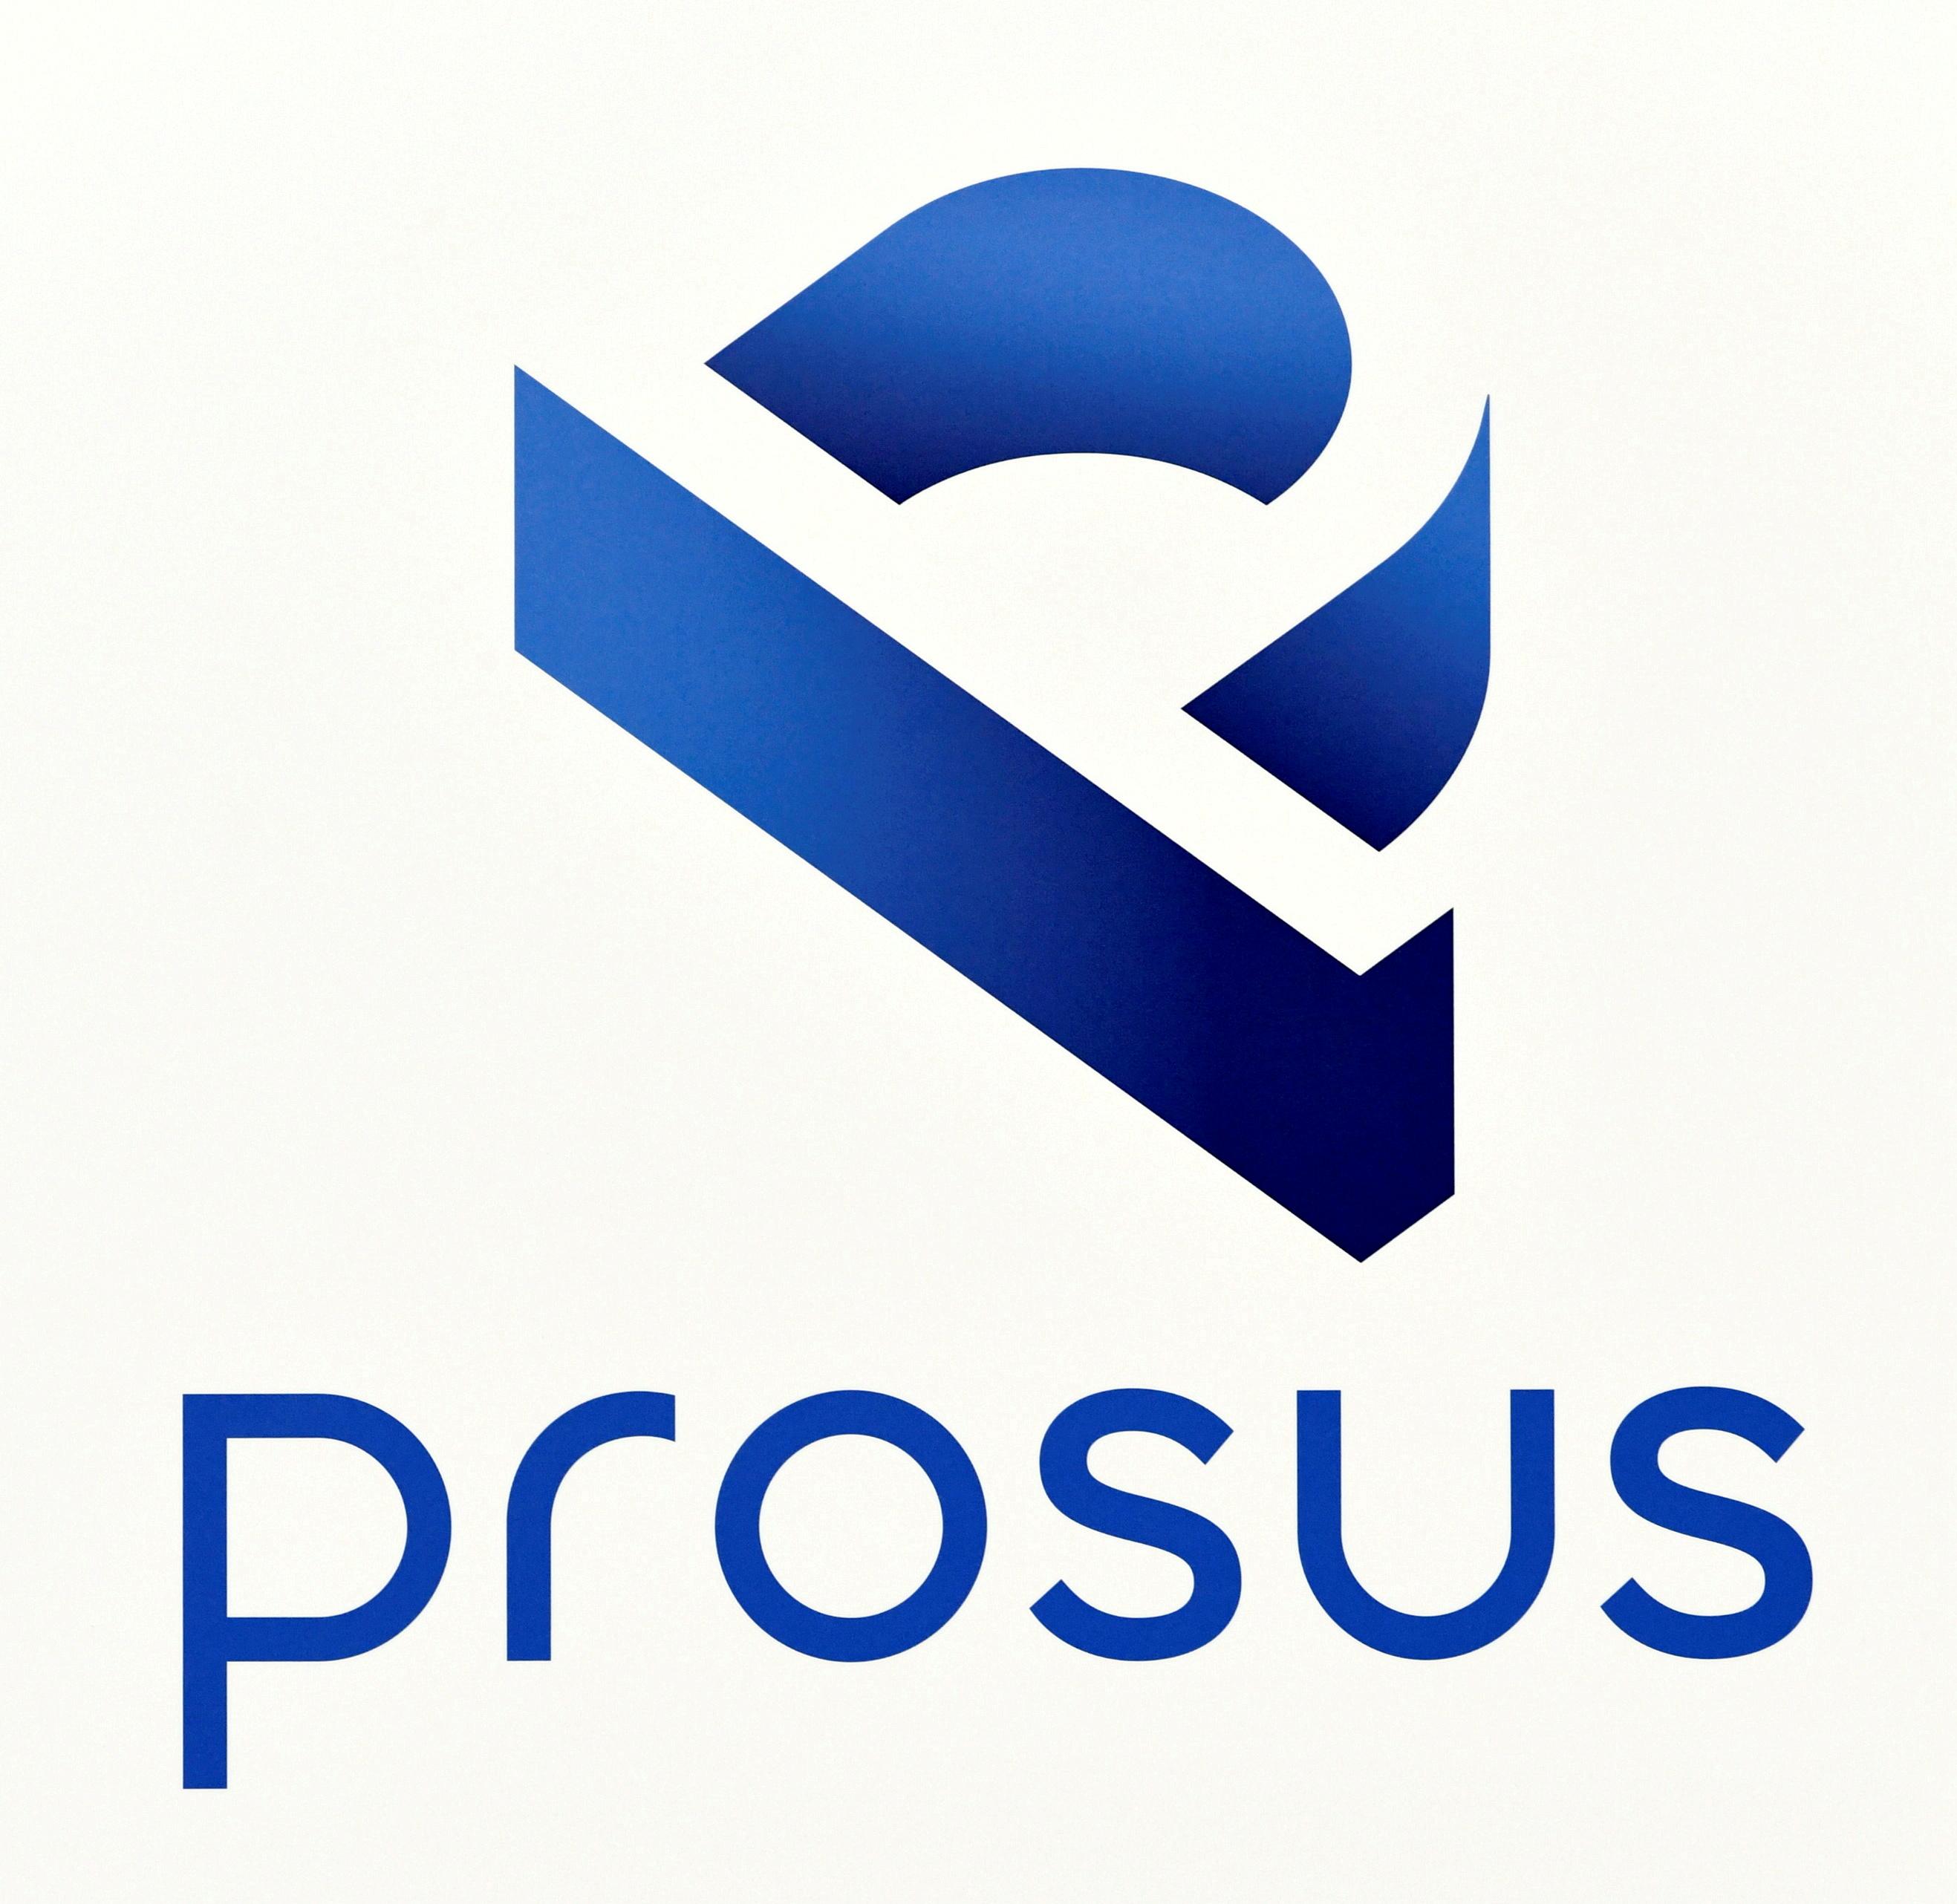 Un logotipo de Prosus se muestra en el edificio de la bolsa de valores de Ámsterdam cuando Prosus comienza a cotizar en la bolsa de valores de Euronext en Ámsterdam, Países Bajos, el 11 de septiembre de 2019. REUTERS / Piroschka van de Wouw